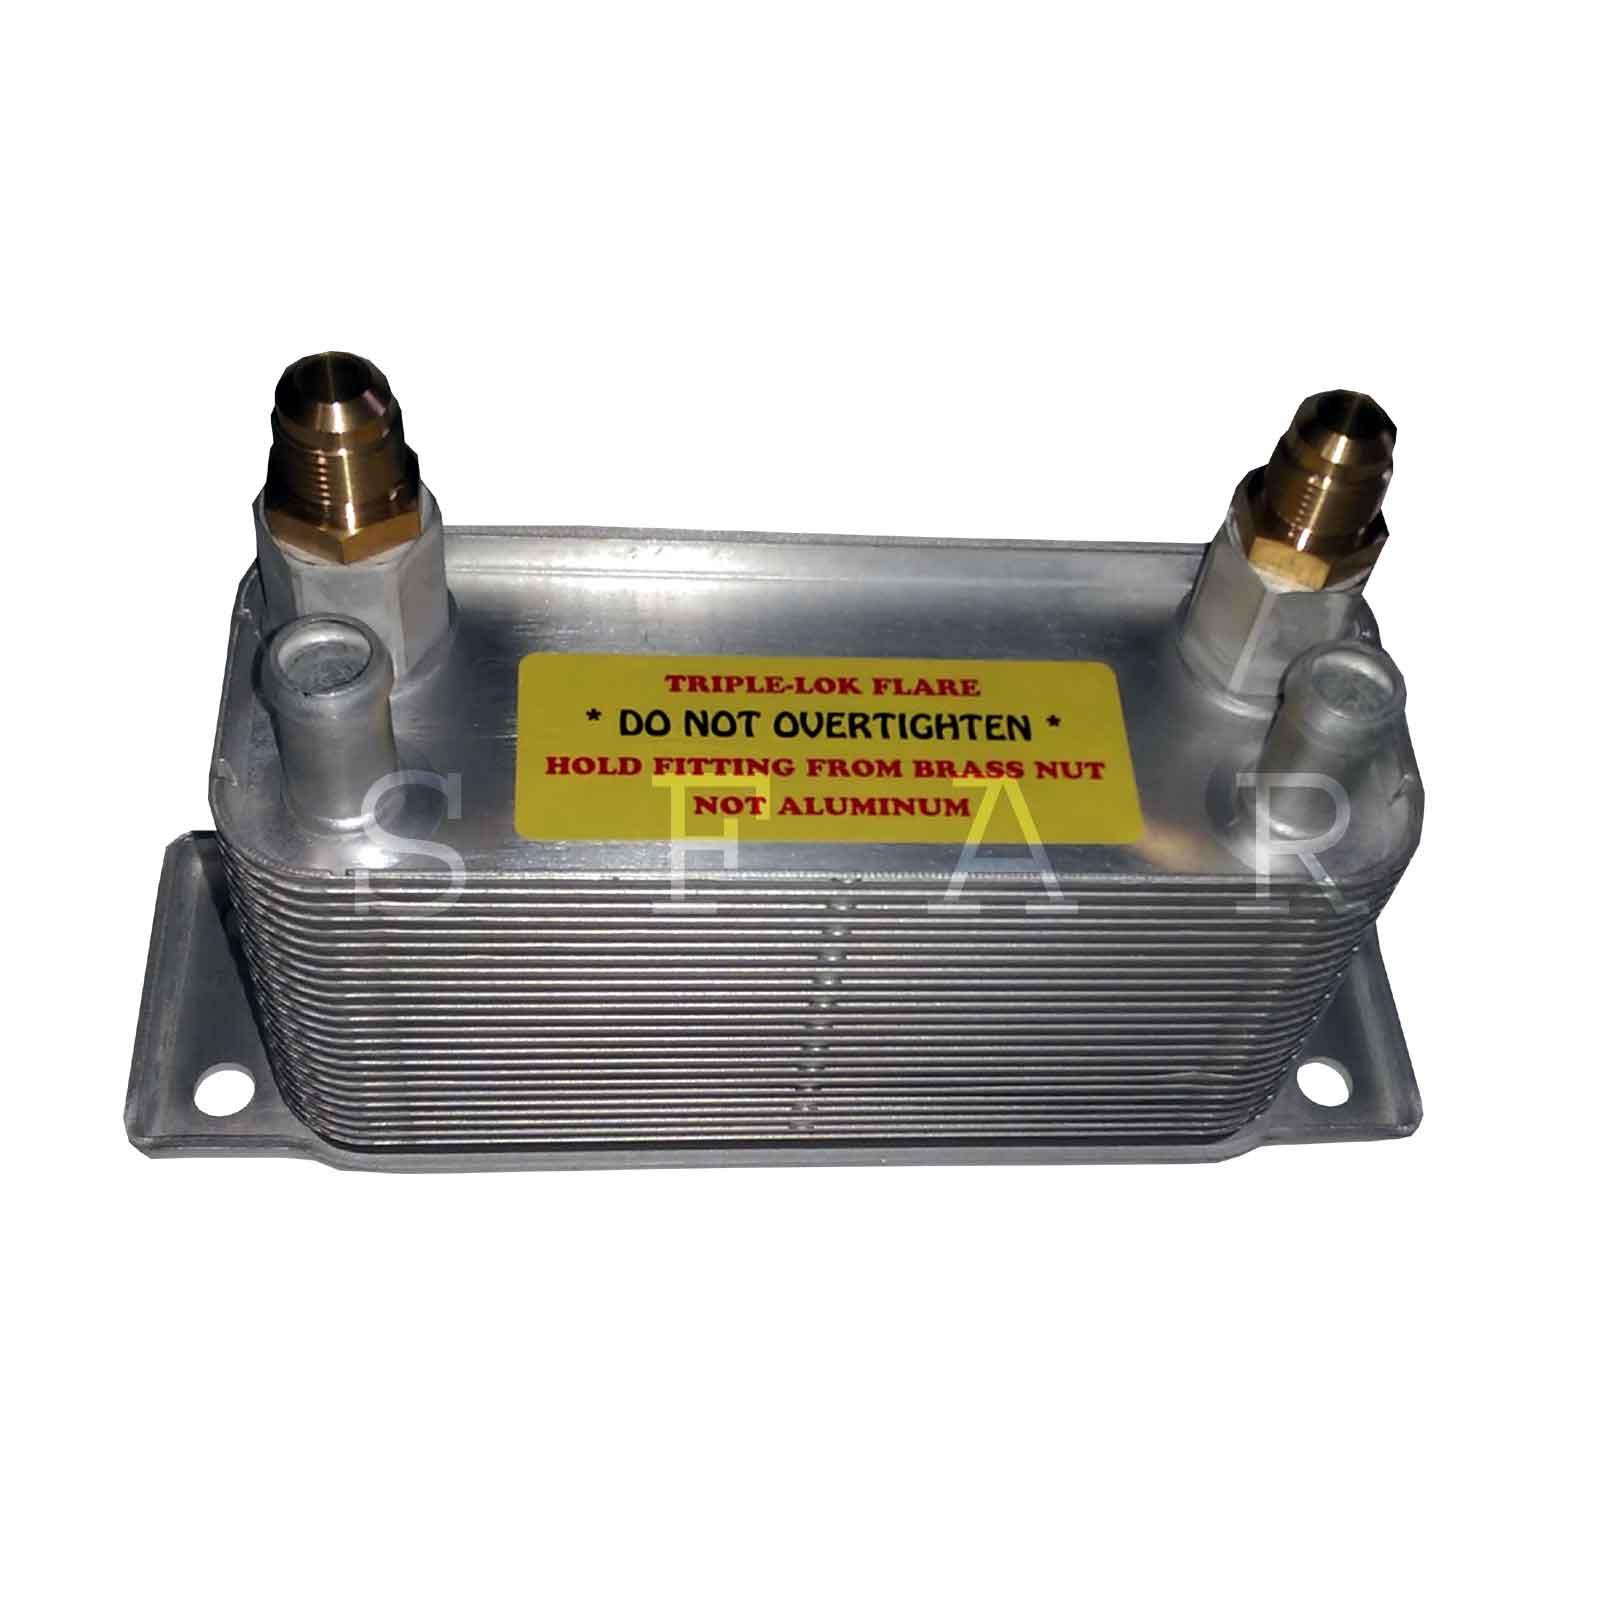 Dodge Diesel Transmission Torque Converter Cooler Heat